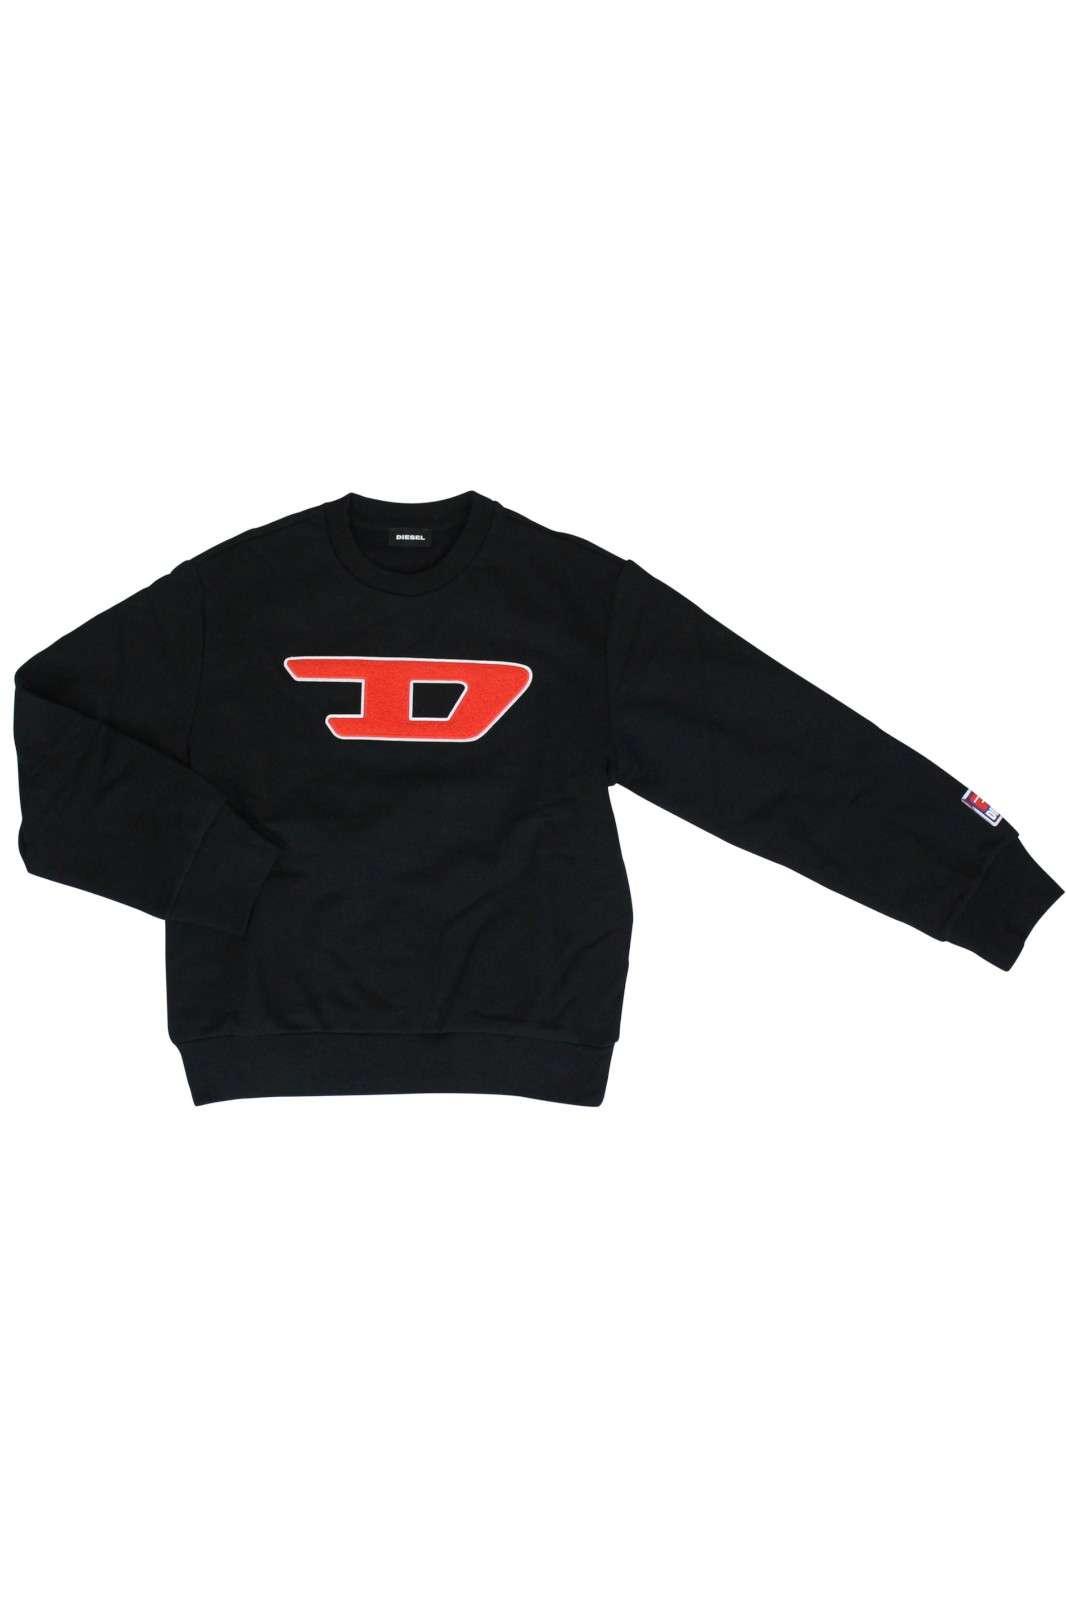 Felpa Diesel alla moda, che segue il look della linea adulti, per regalare al tuo bambino, un outfit iconico sin sa piccolo. Il logo in spugna, sul petto, è il tocco che caratterizza il capo, rendendolo unico e inconfondibile.